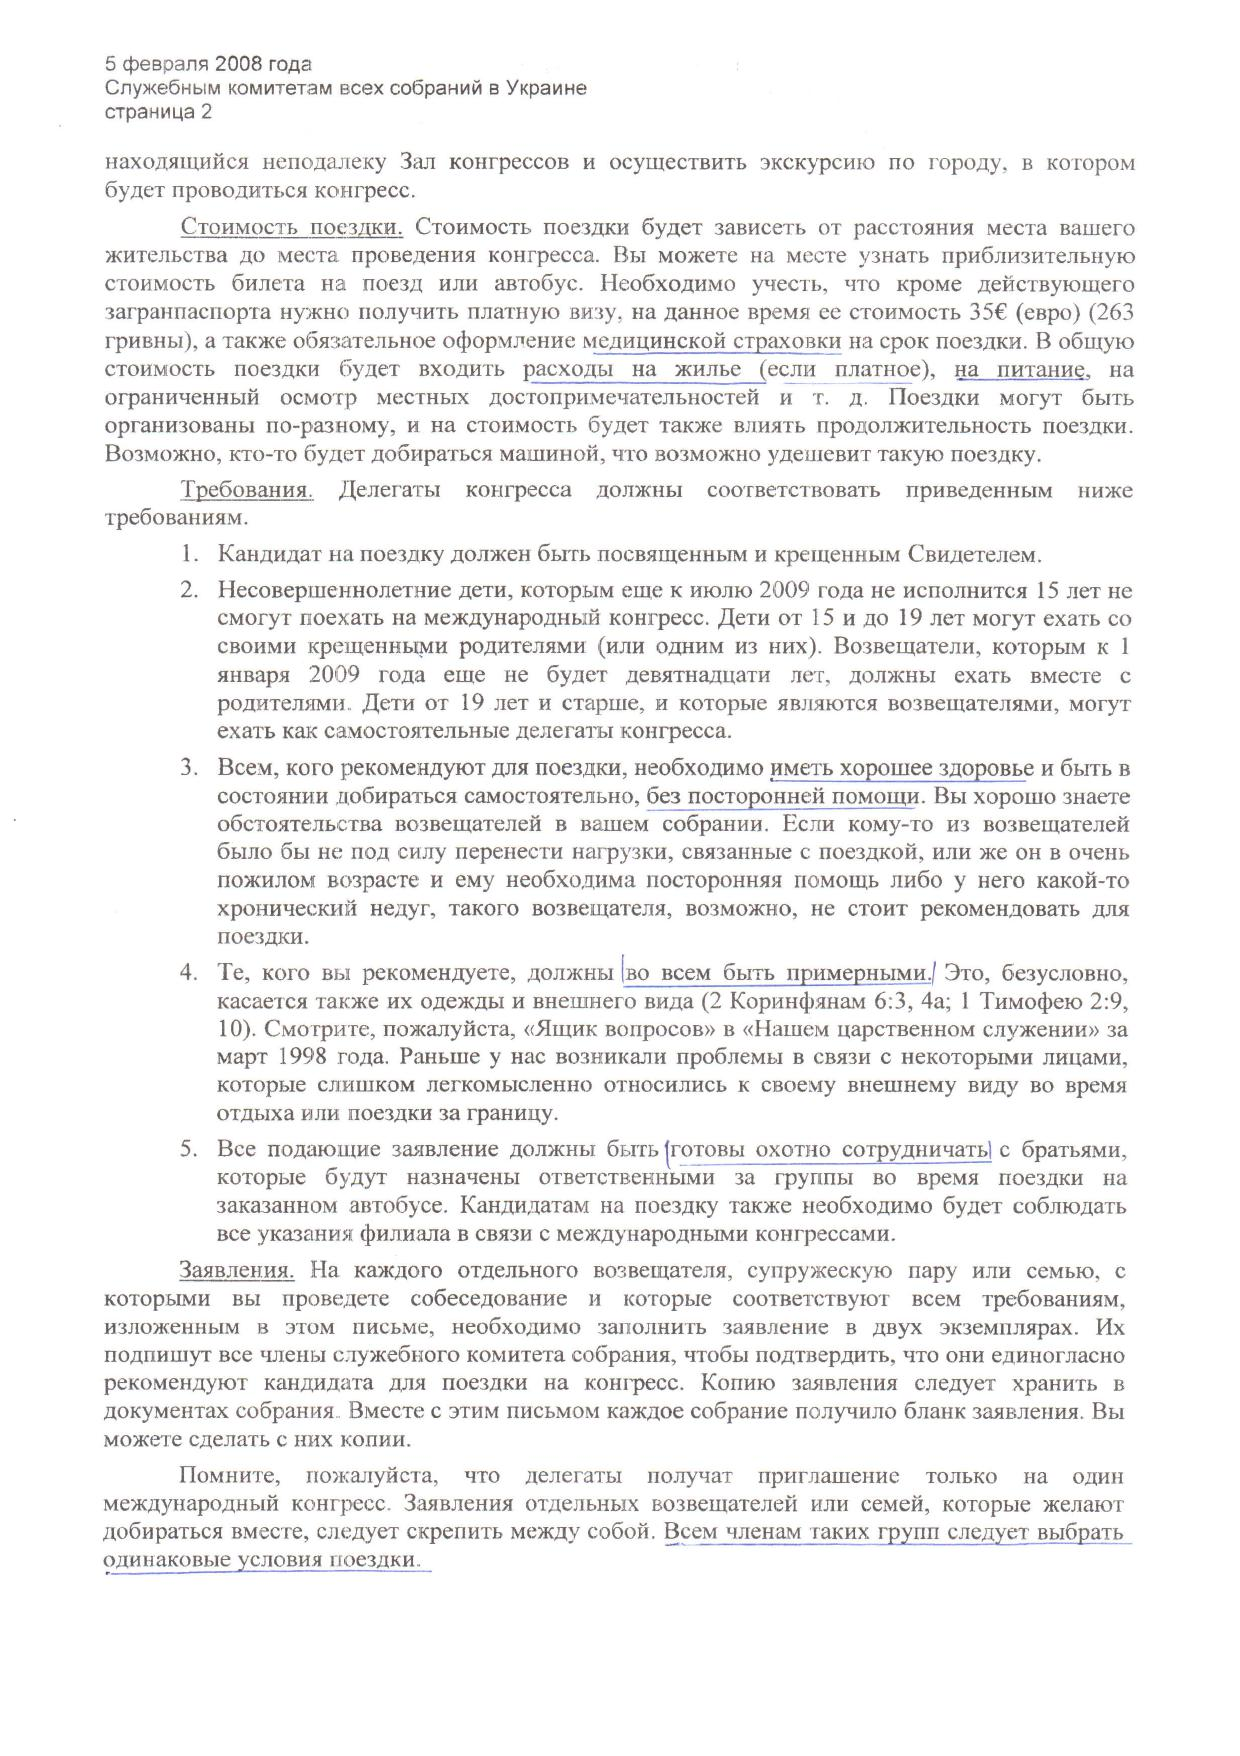 2008.02.05 (Фильтр для делегатов международных конгрессов)_000002